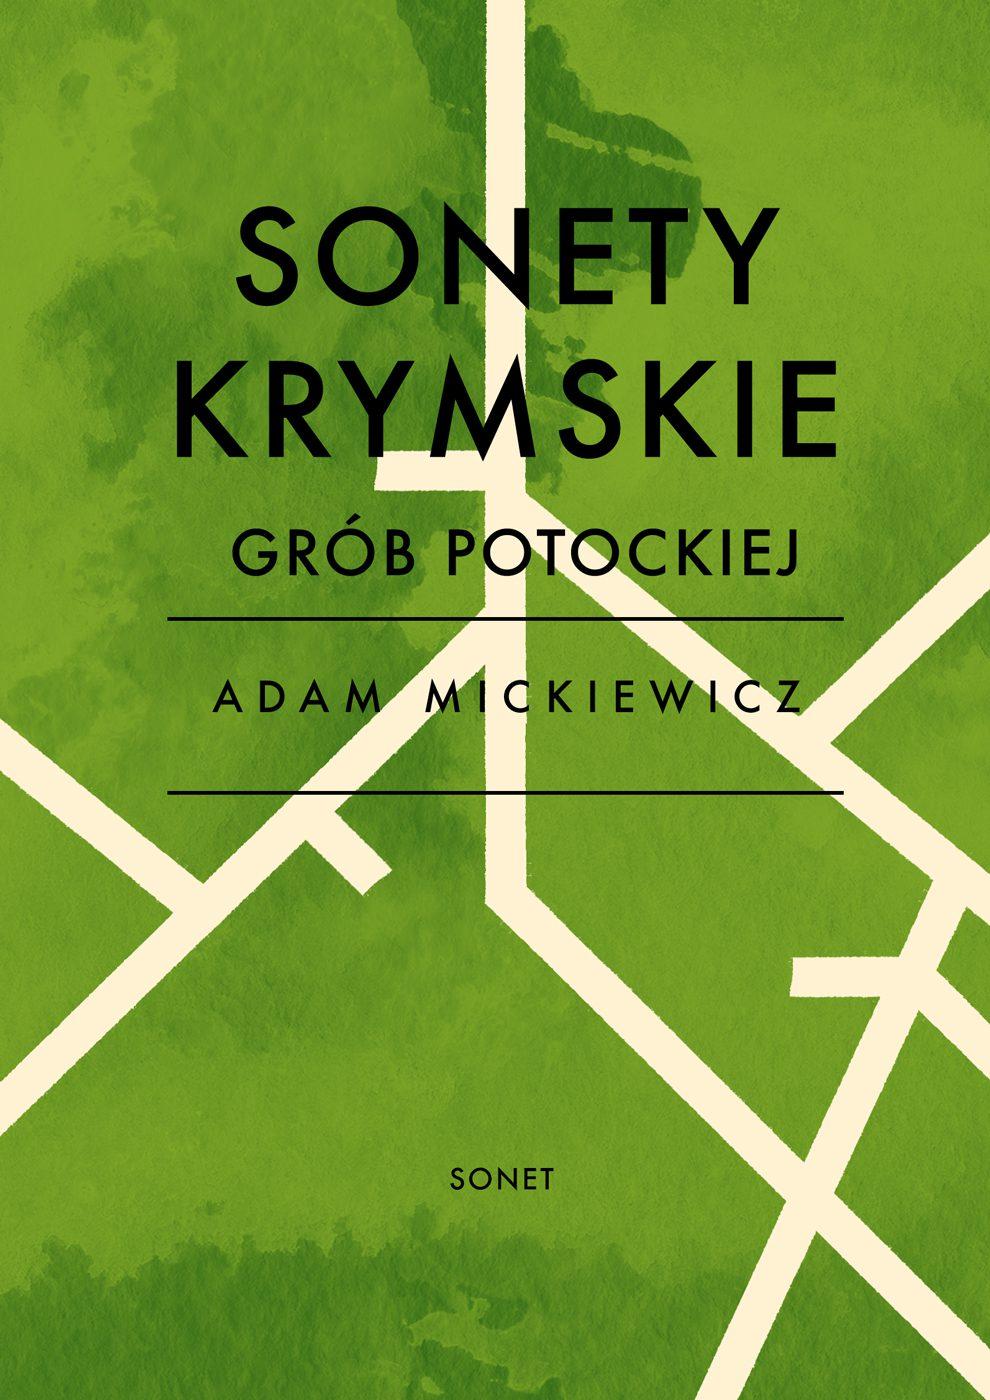 Sonety krymskie - Grób Potockiej - Ebook (Książka EPUB) do pobrania w formacie EPUB